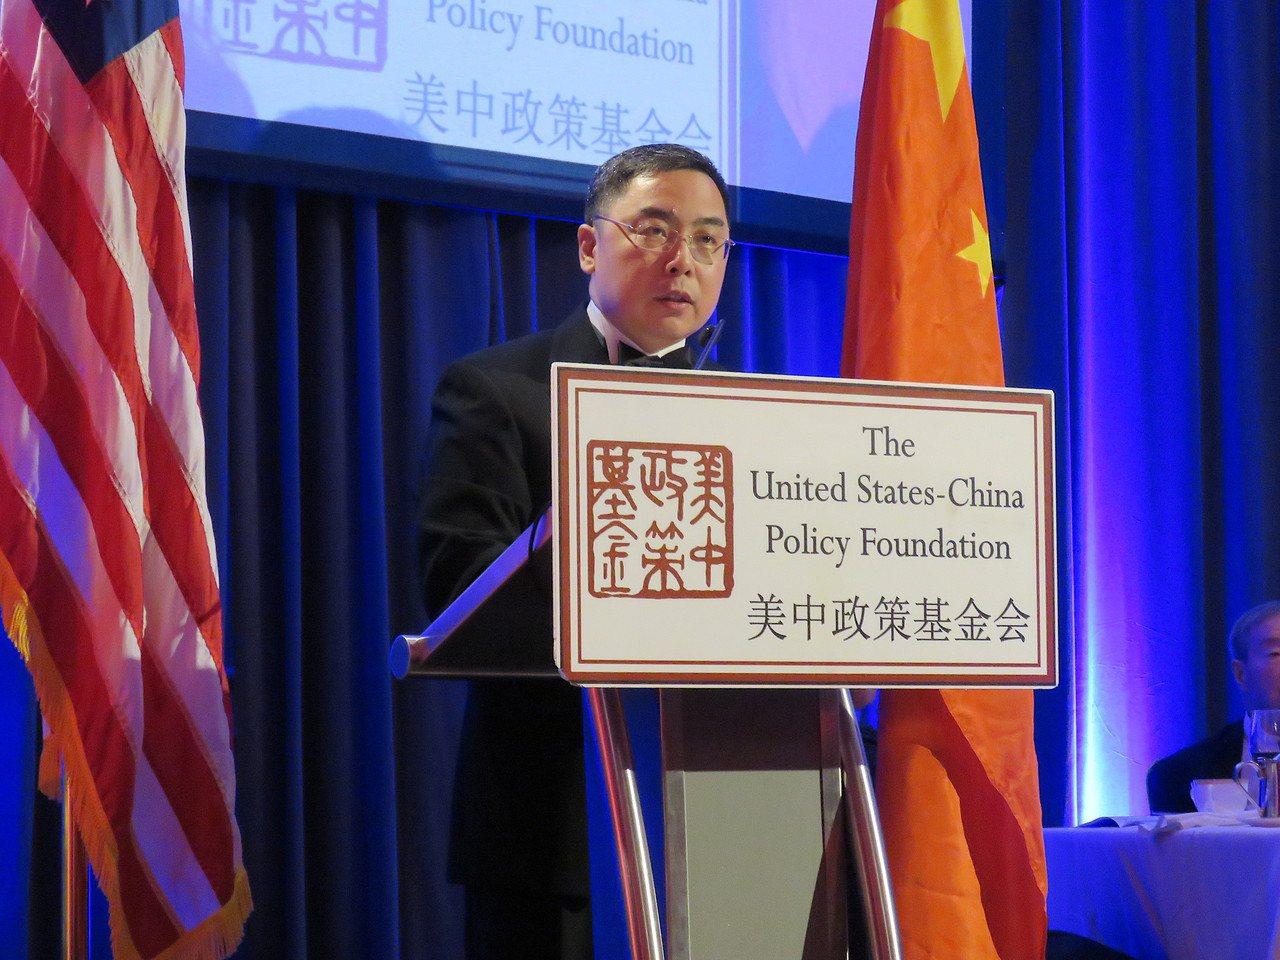 中國大陸駐美公使李克新21日出席美中政策基金會年度晚宴。華盛頓記者張加/攝影